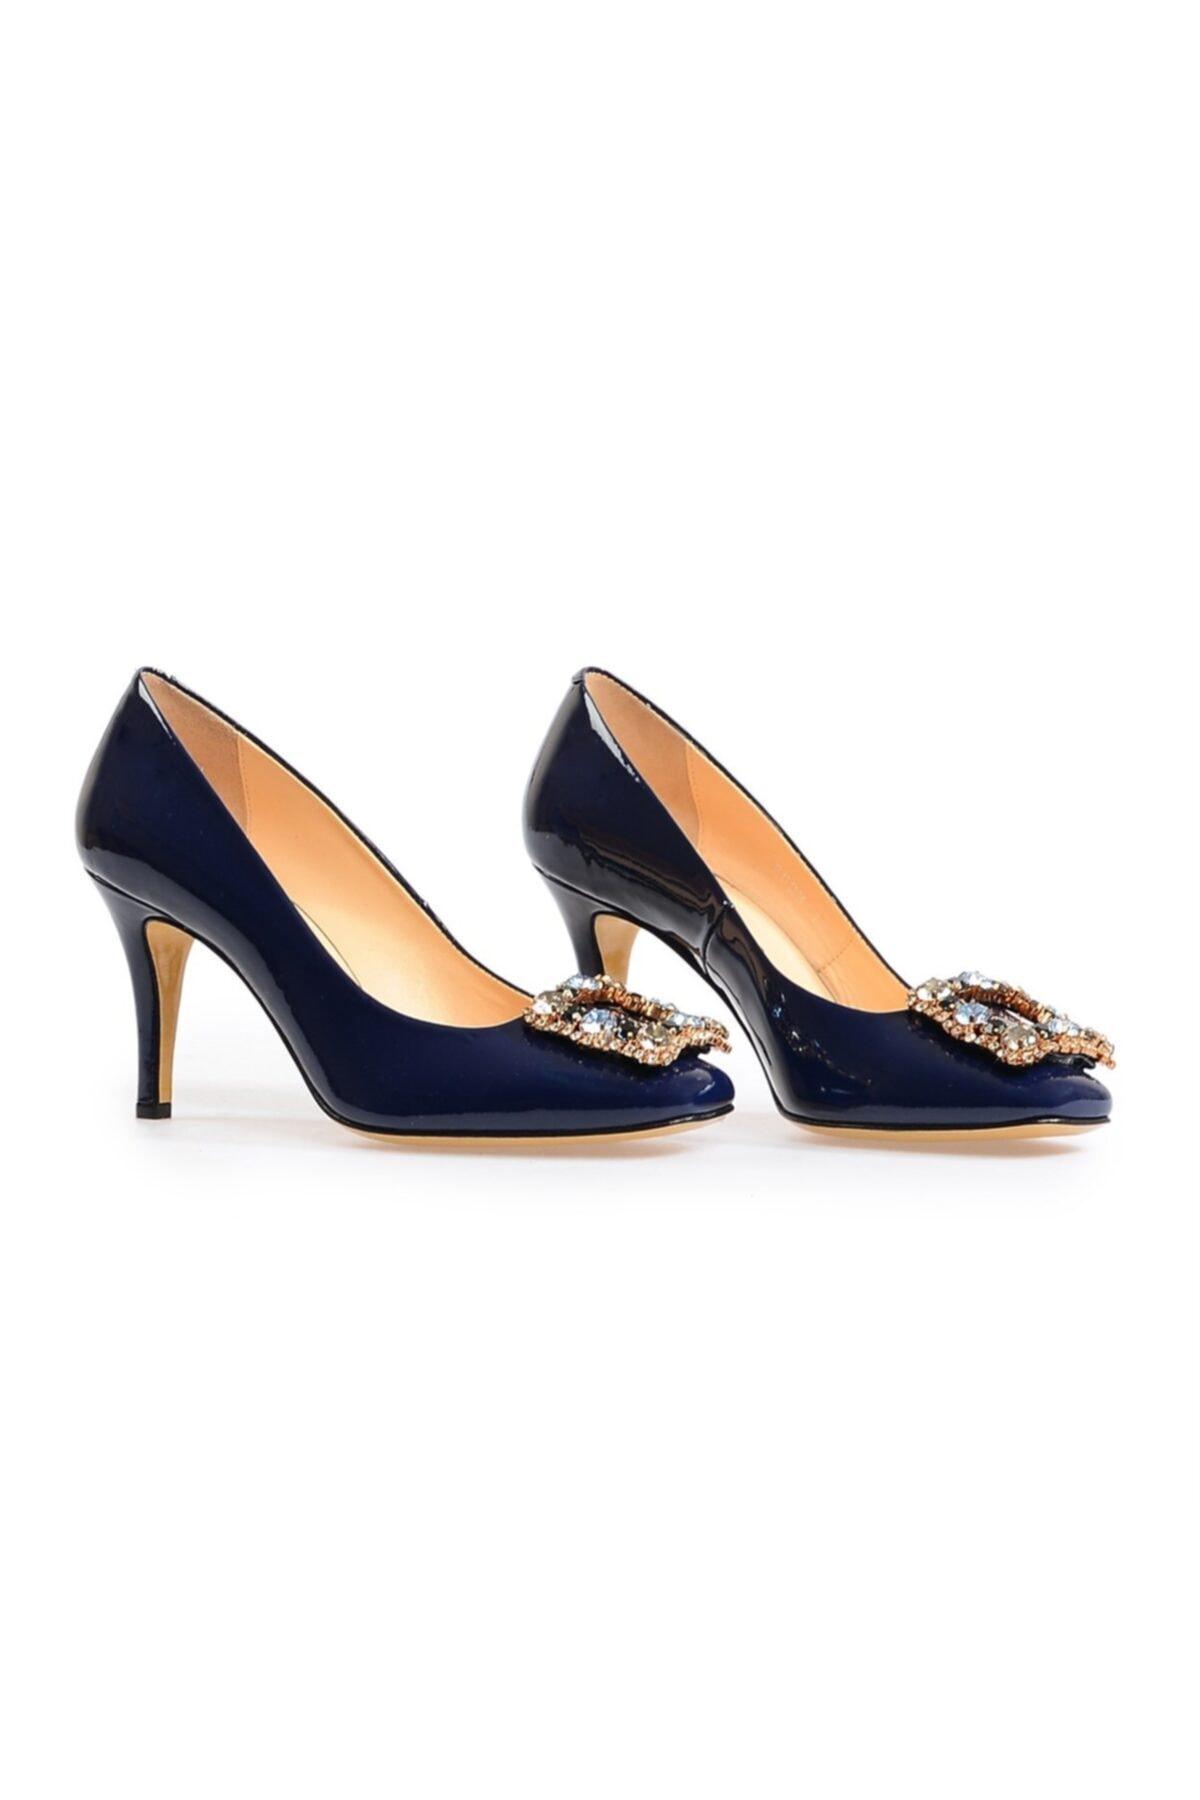 Flower Lacivert Kare Tokalı Kadın Topuklu Ayakkabı 2